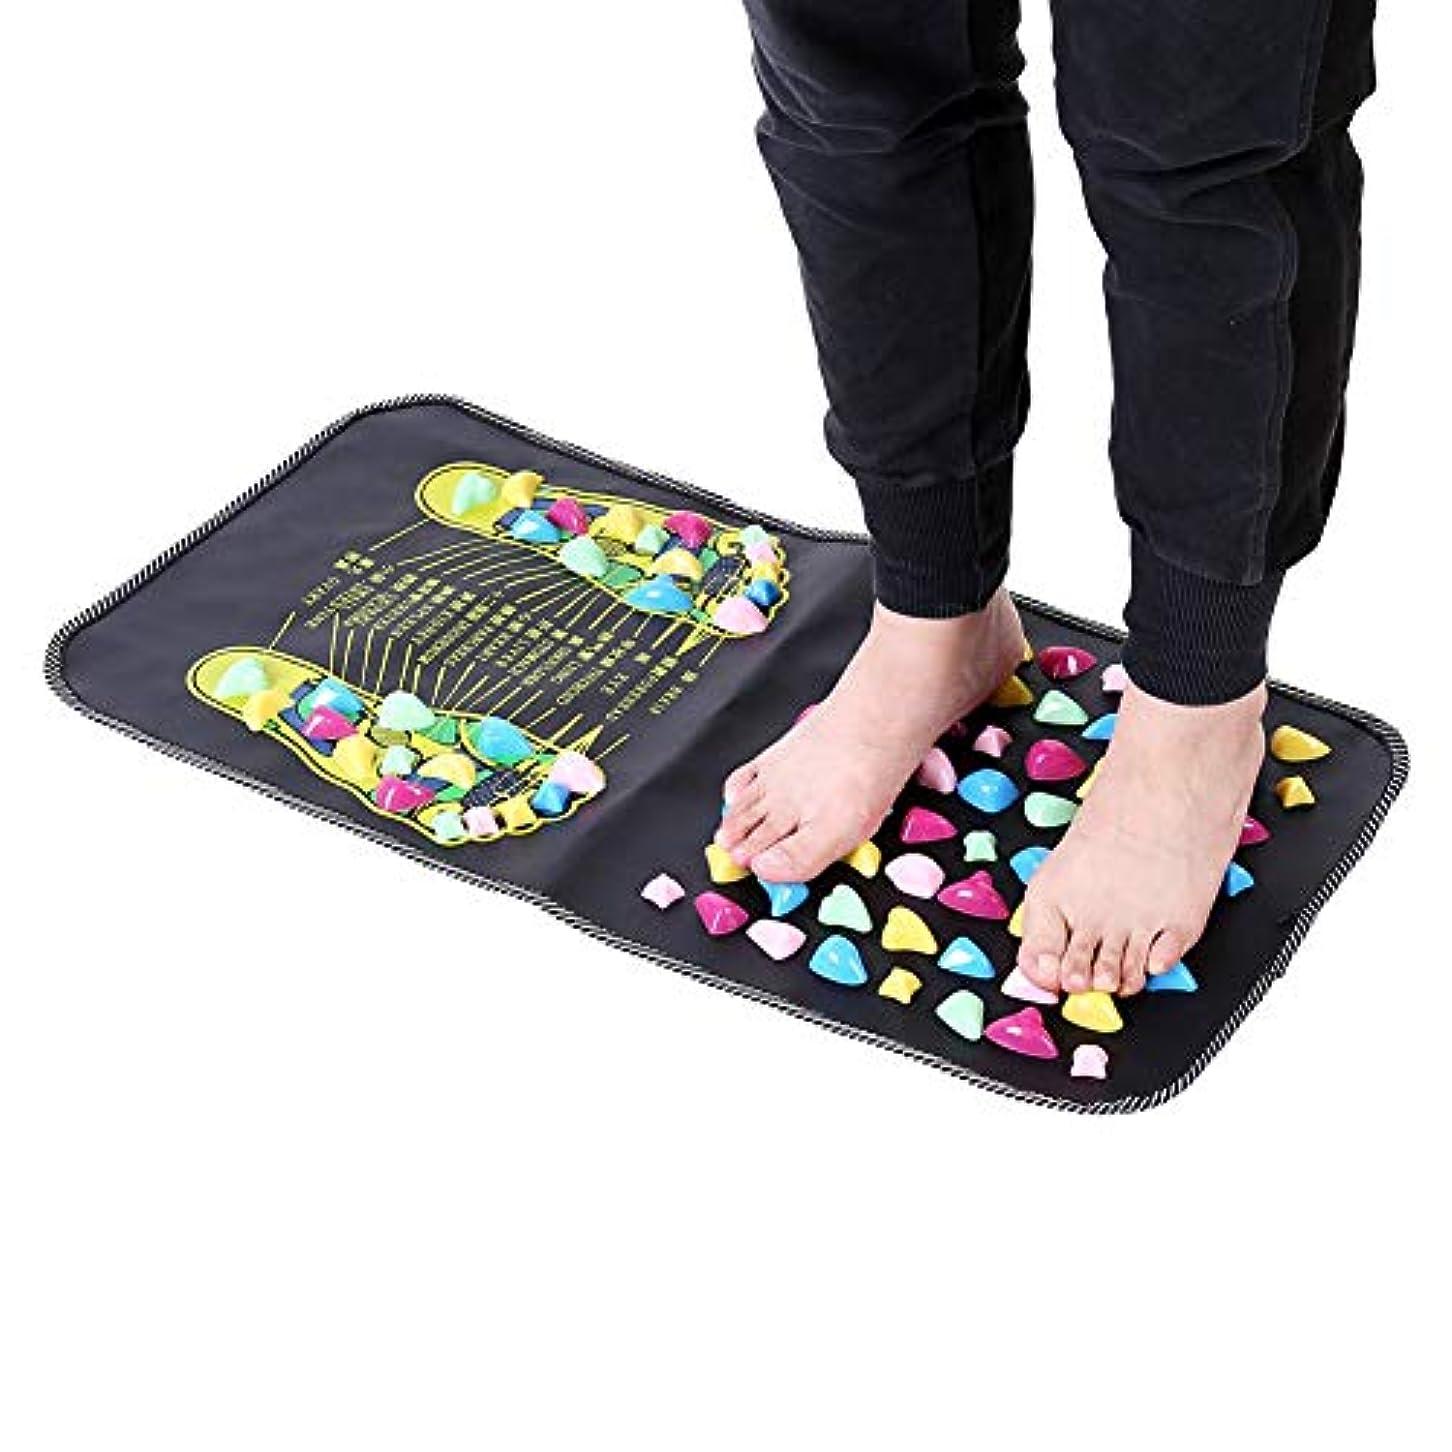 可動式社会主義セールフットマッサージマット、自然で健康的な足のウォーキングマット、石のリラックスした圧力筋肉の痛みは足の足のマッサージマットを緩和します、深いティッシュの足の筋肉療法のため